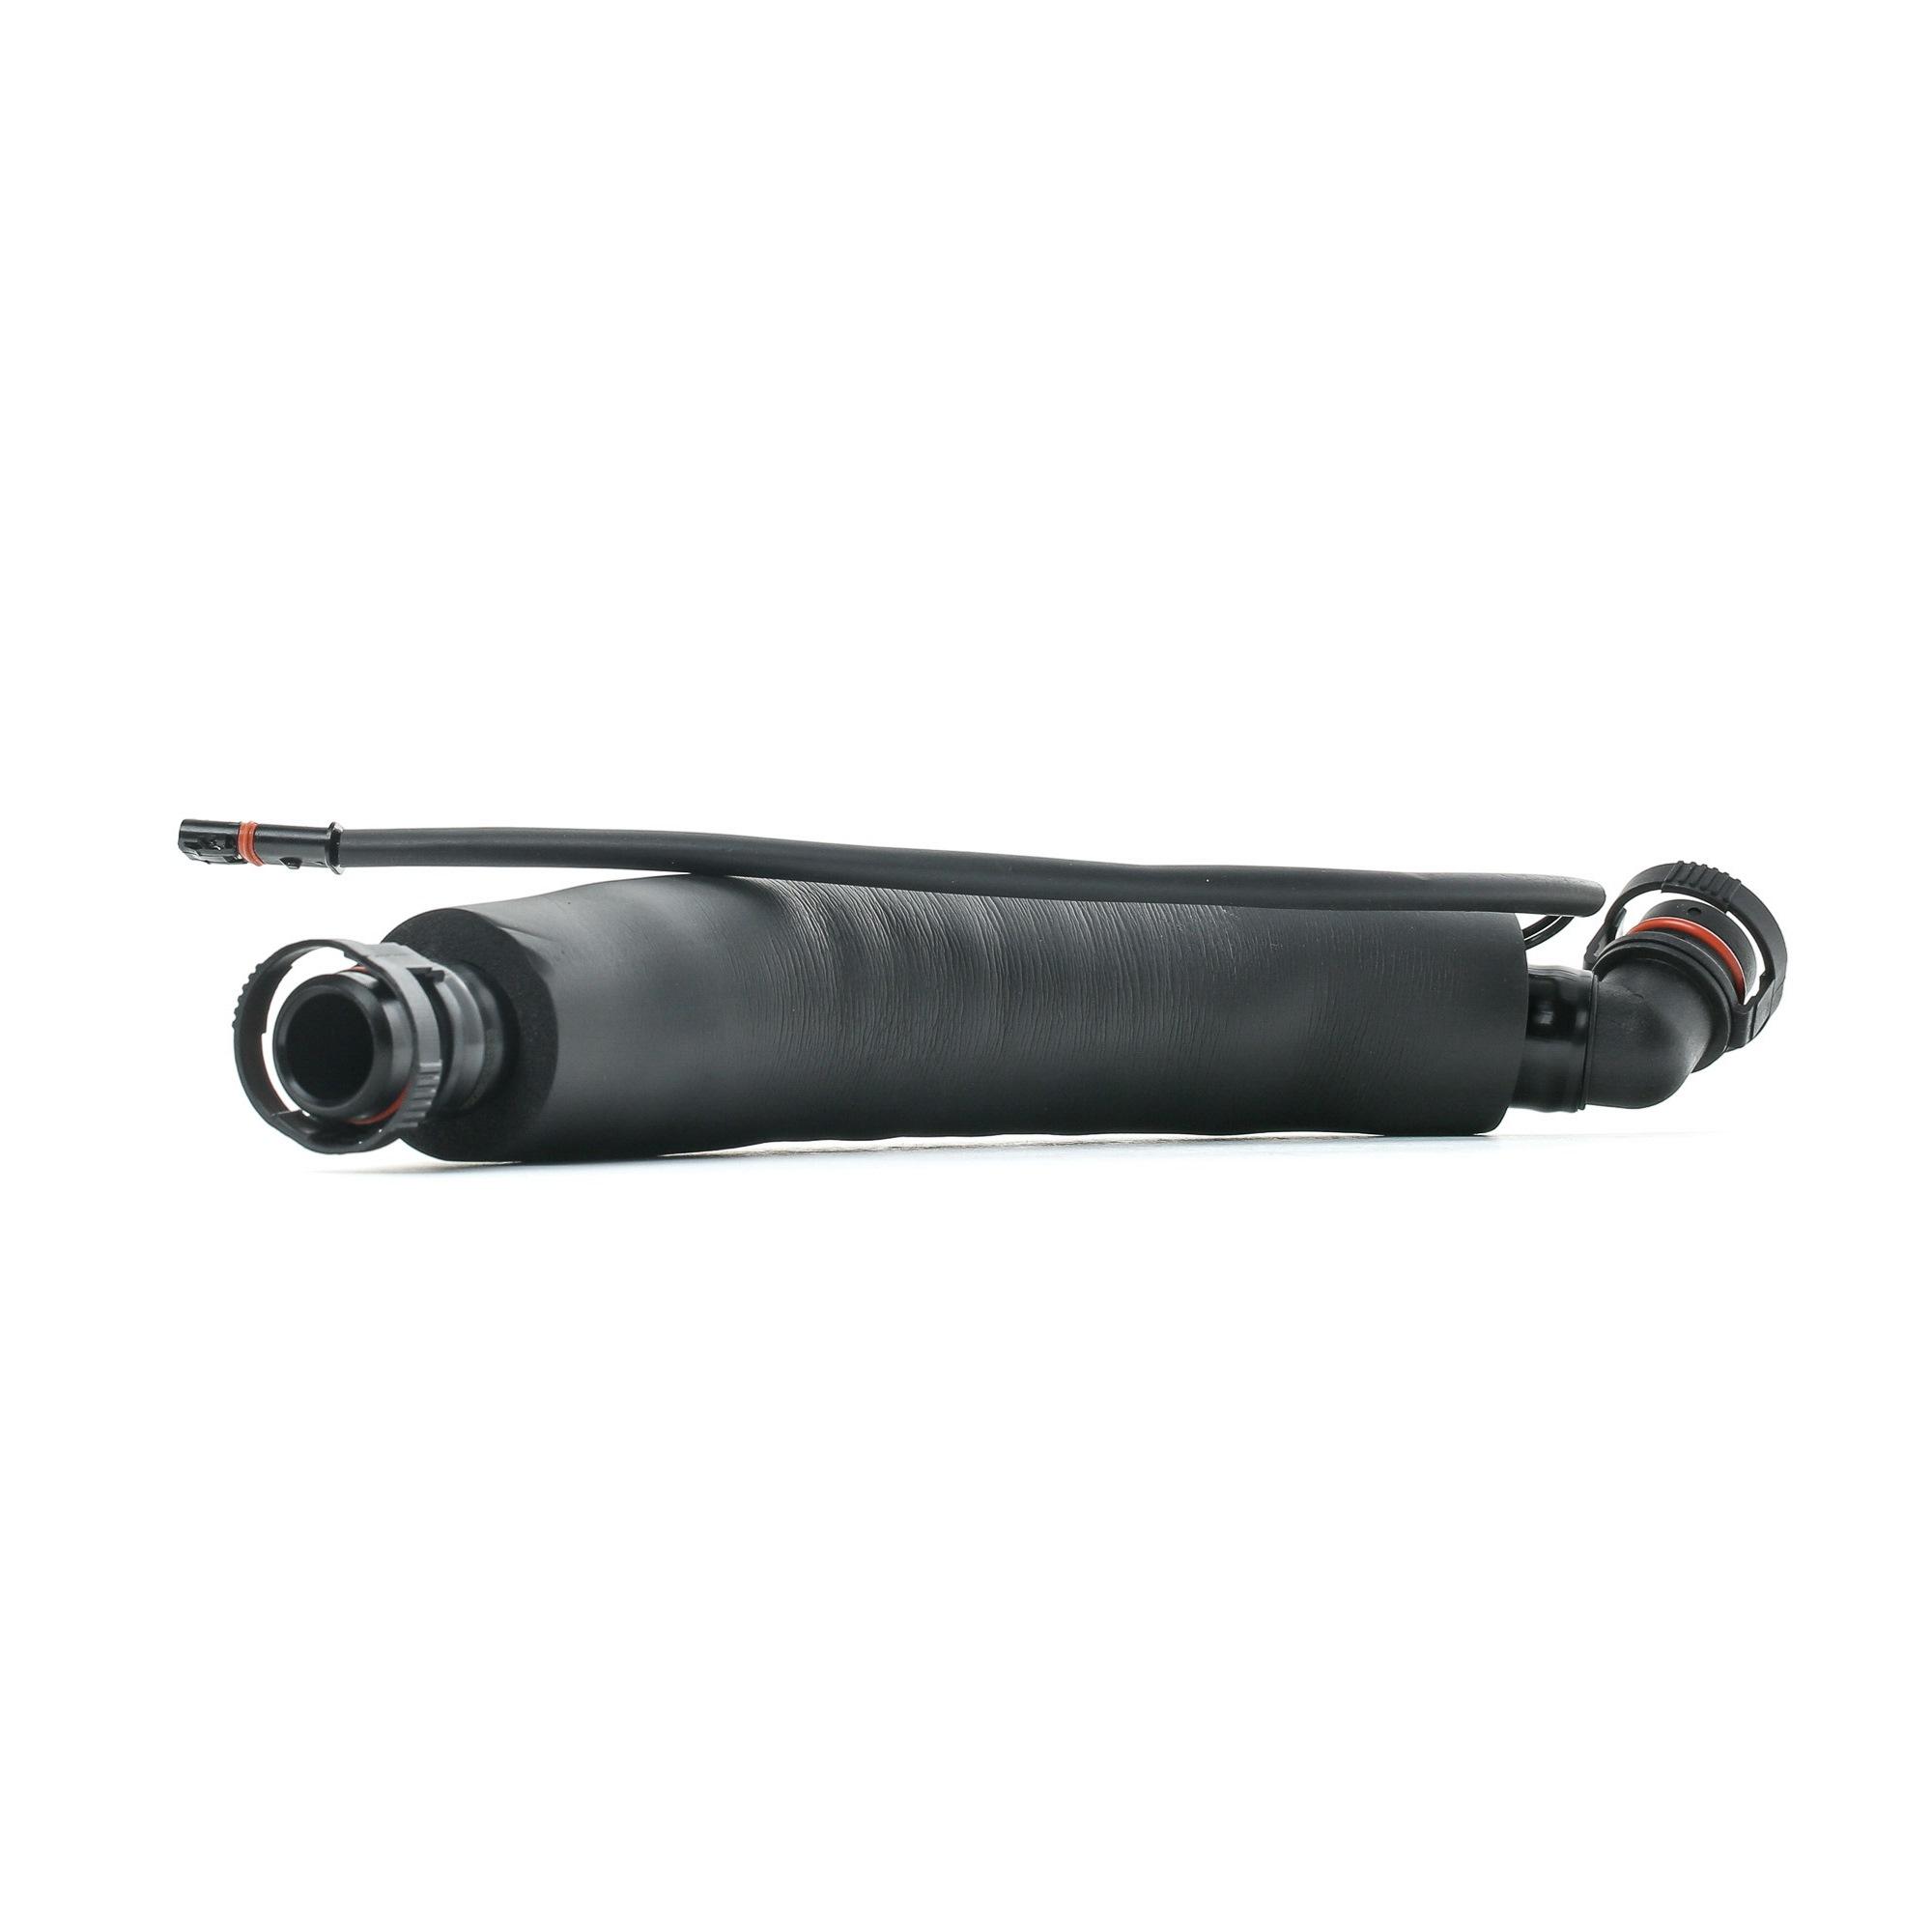 Zylinderkopfhaubenentlüftung RIDEX 1600H16000029